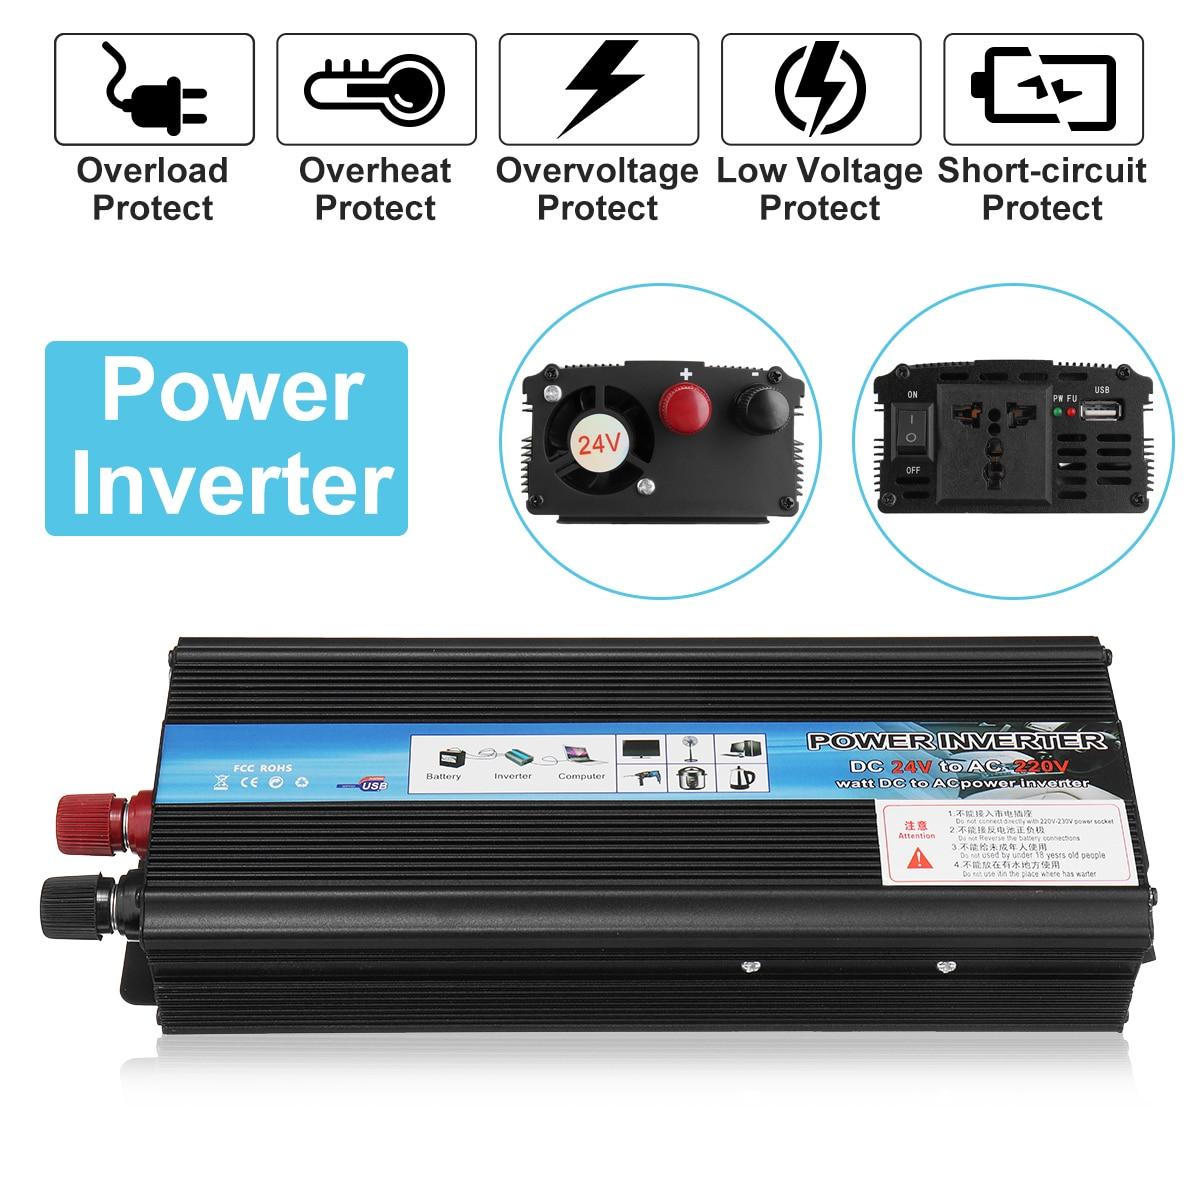 Inverter 12 v 220 v 3000 watt 4000 watt 5000 watt Peak Power Spannung Transformator Konverter 12 v Zu 220 v Solar Sinus-wechselrichter